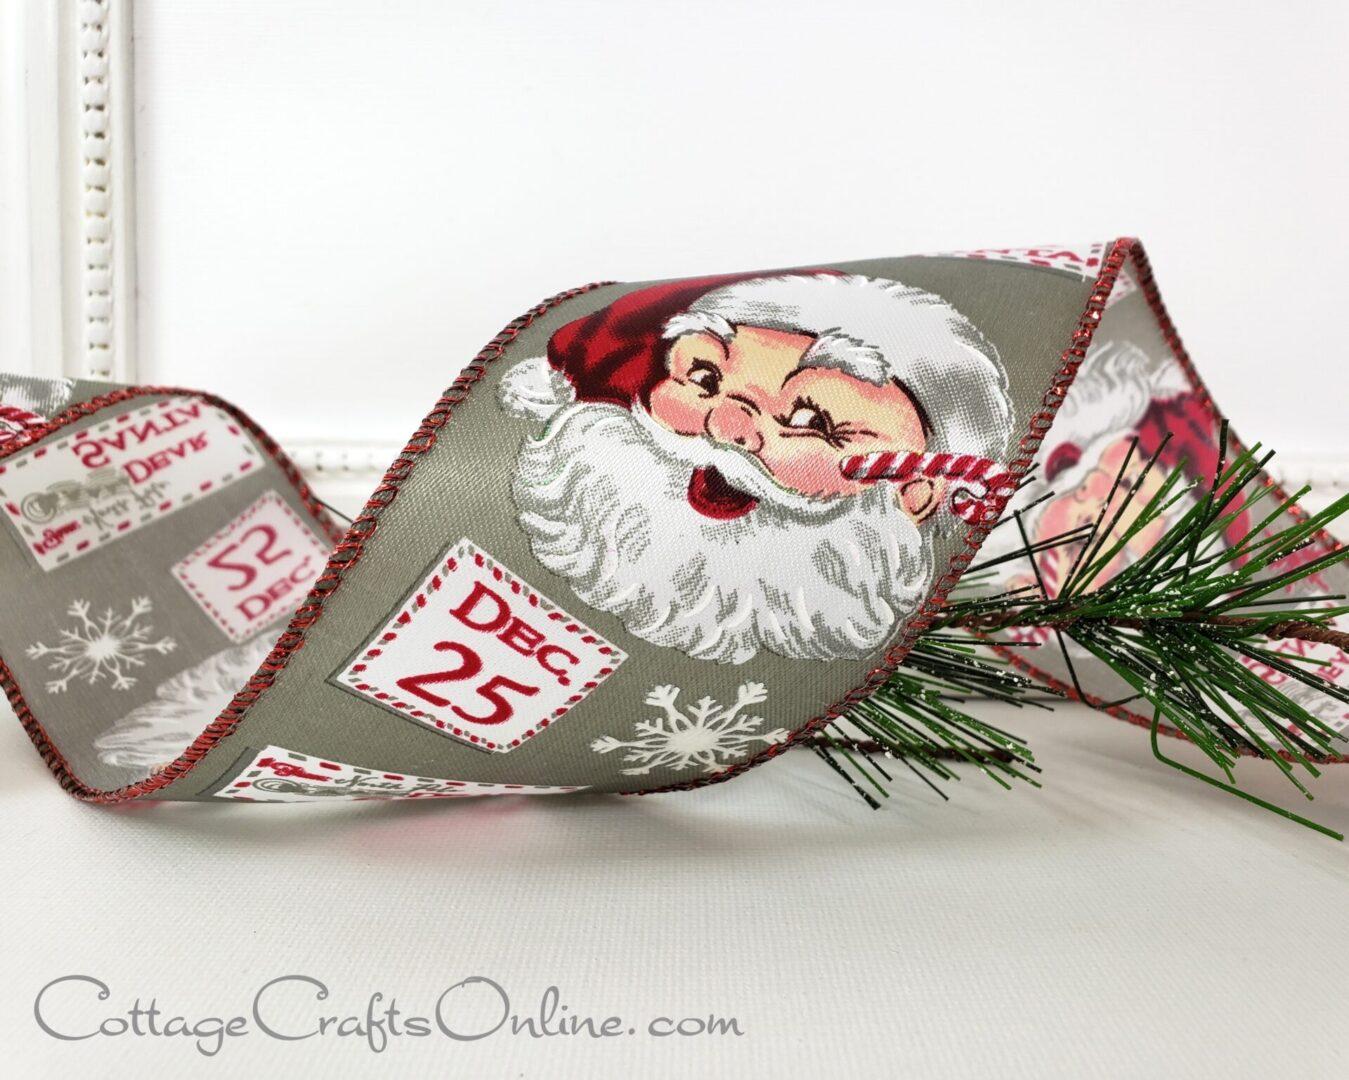 dear santa december 25th 40 cb-001